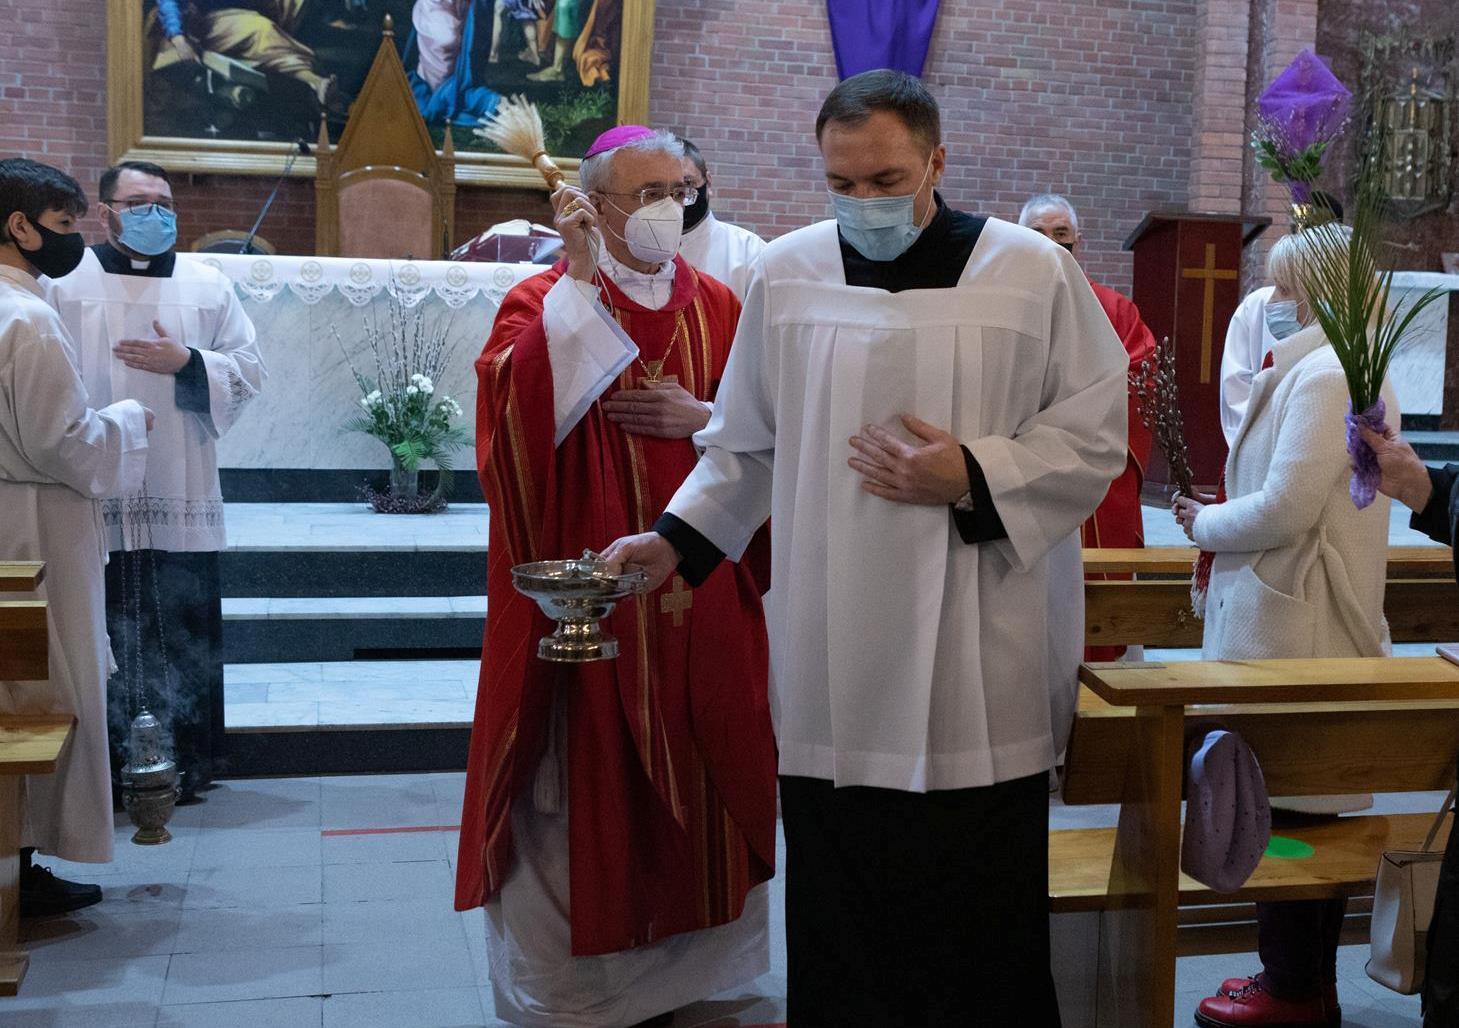 Вербное воскресенье-2021 в Новосибирске (ФОТО)